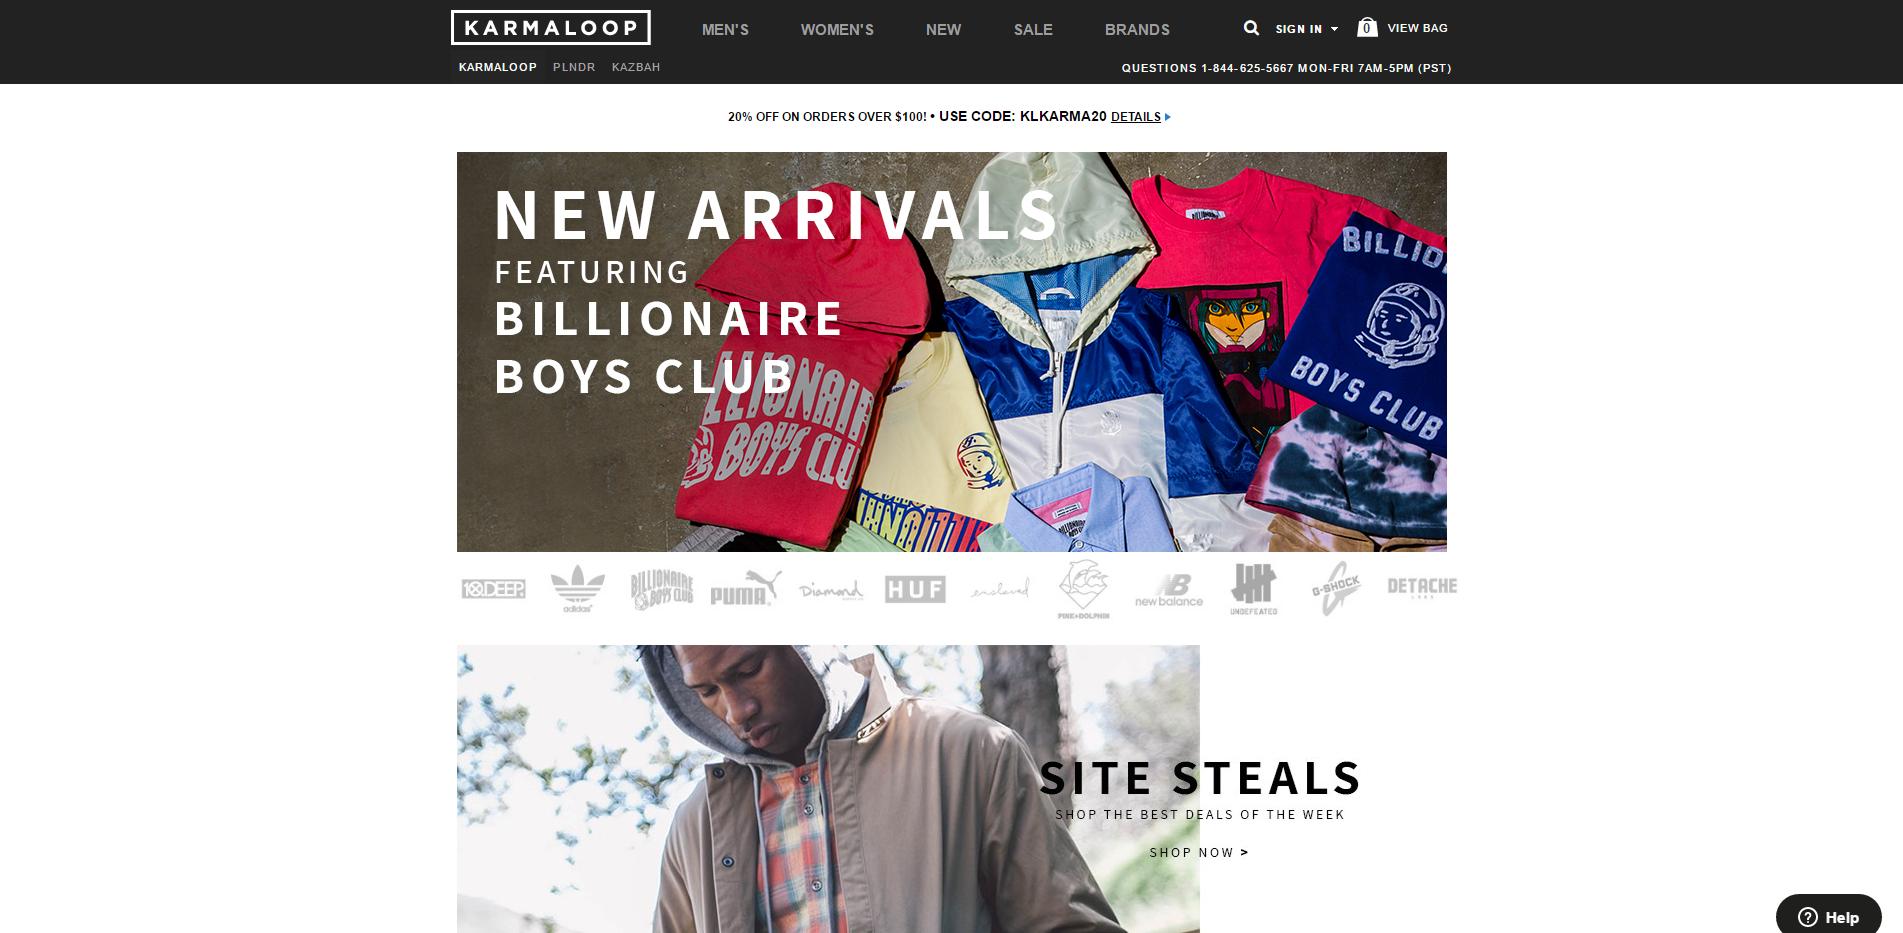 Karmaloop urban clothing